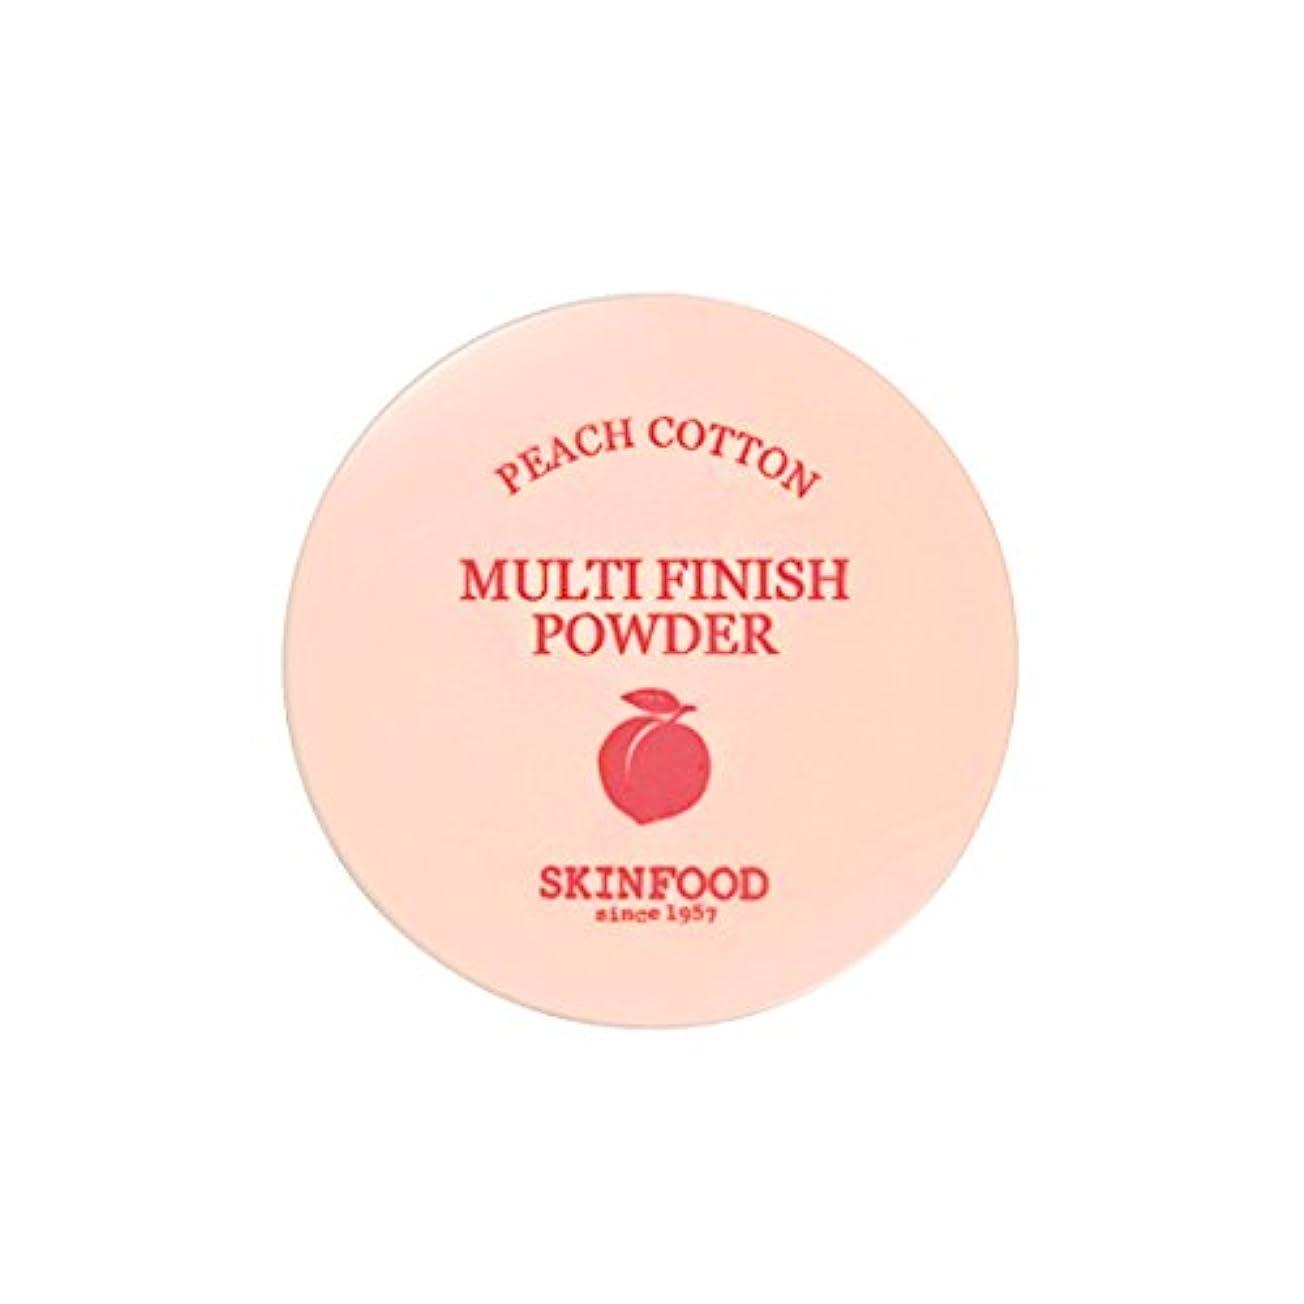 ハブブめ言葉合唱団[New] SKINFOOD Peach Cotton Multi Finish Powder/スキンフード ピーチ コットン マルチ フィニッシュ パウダー (#小容量:5g) [並行輸入品]